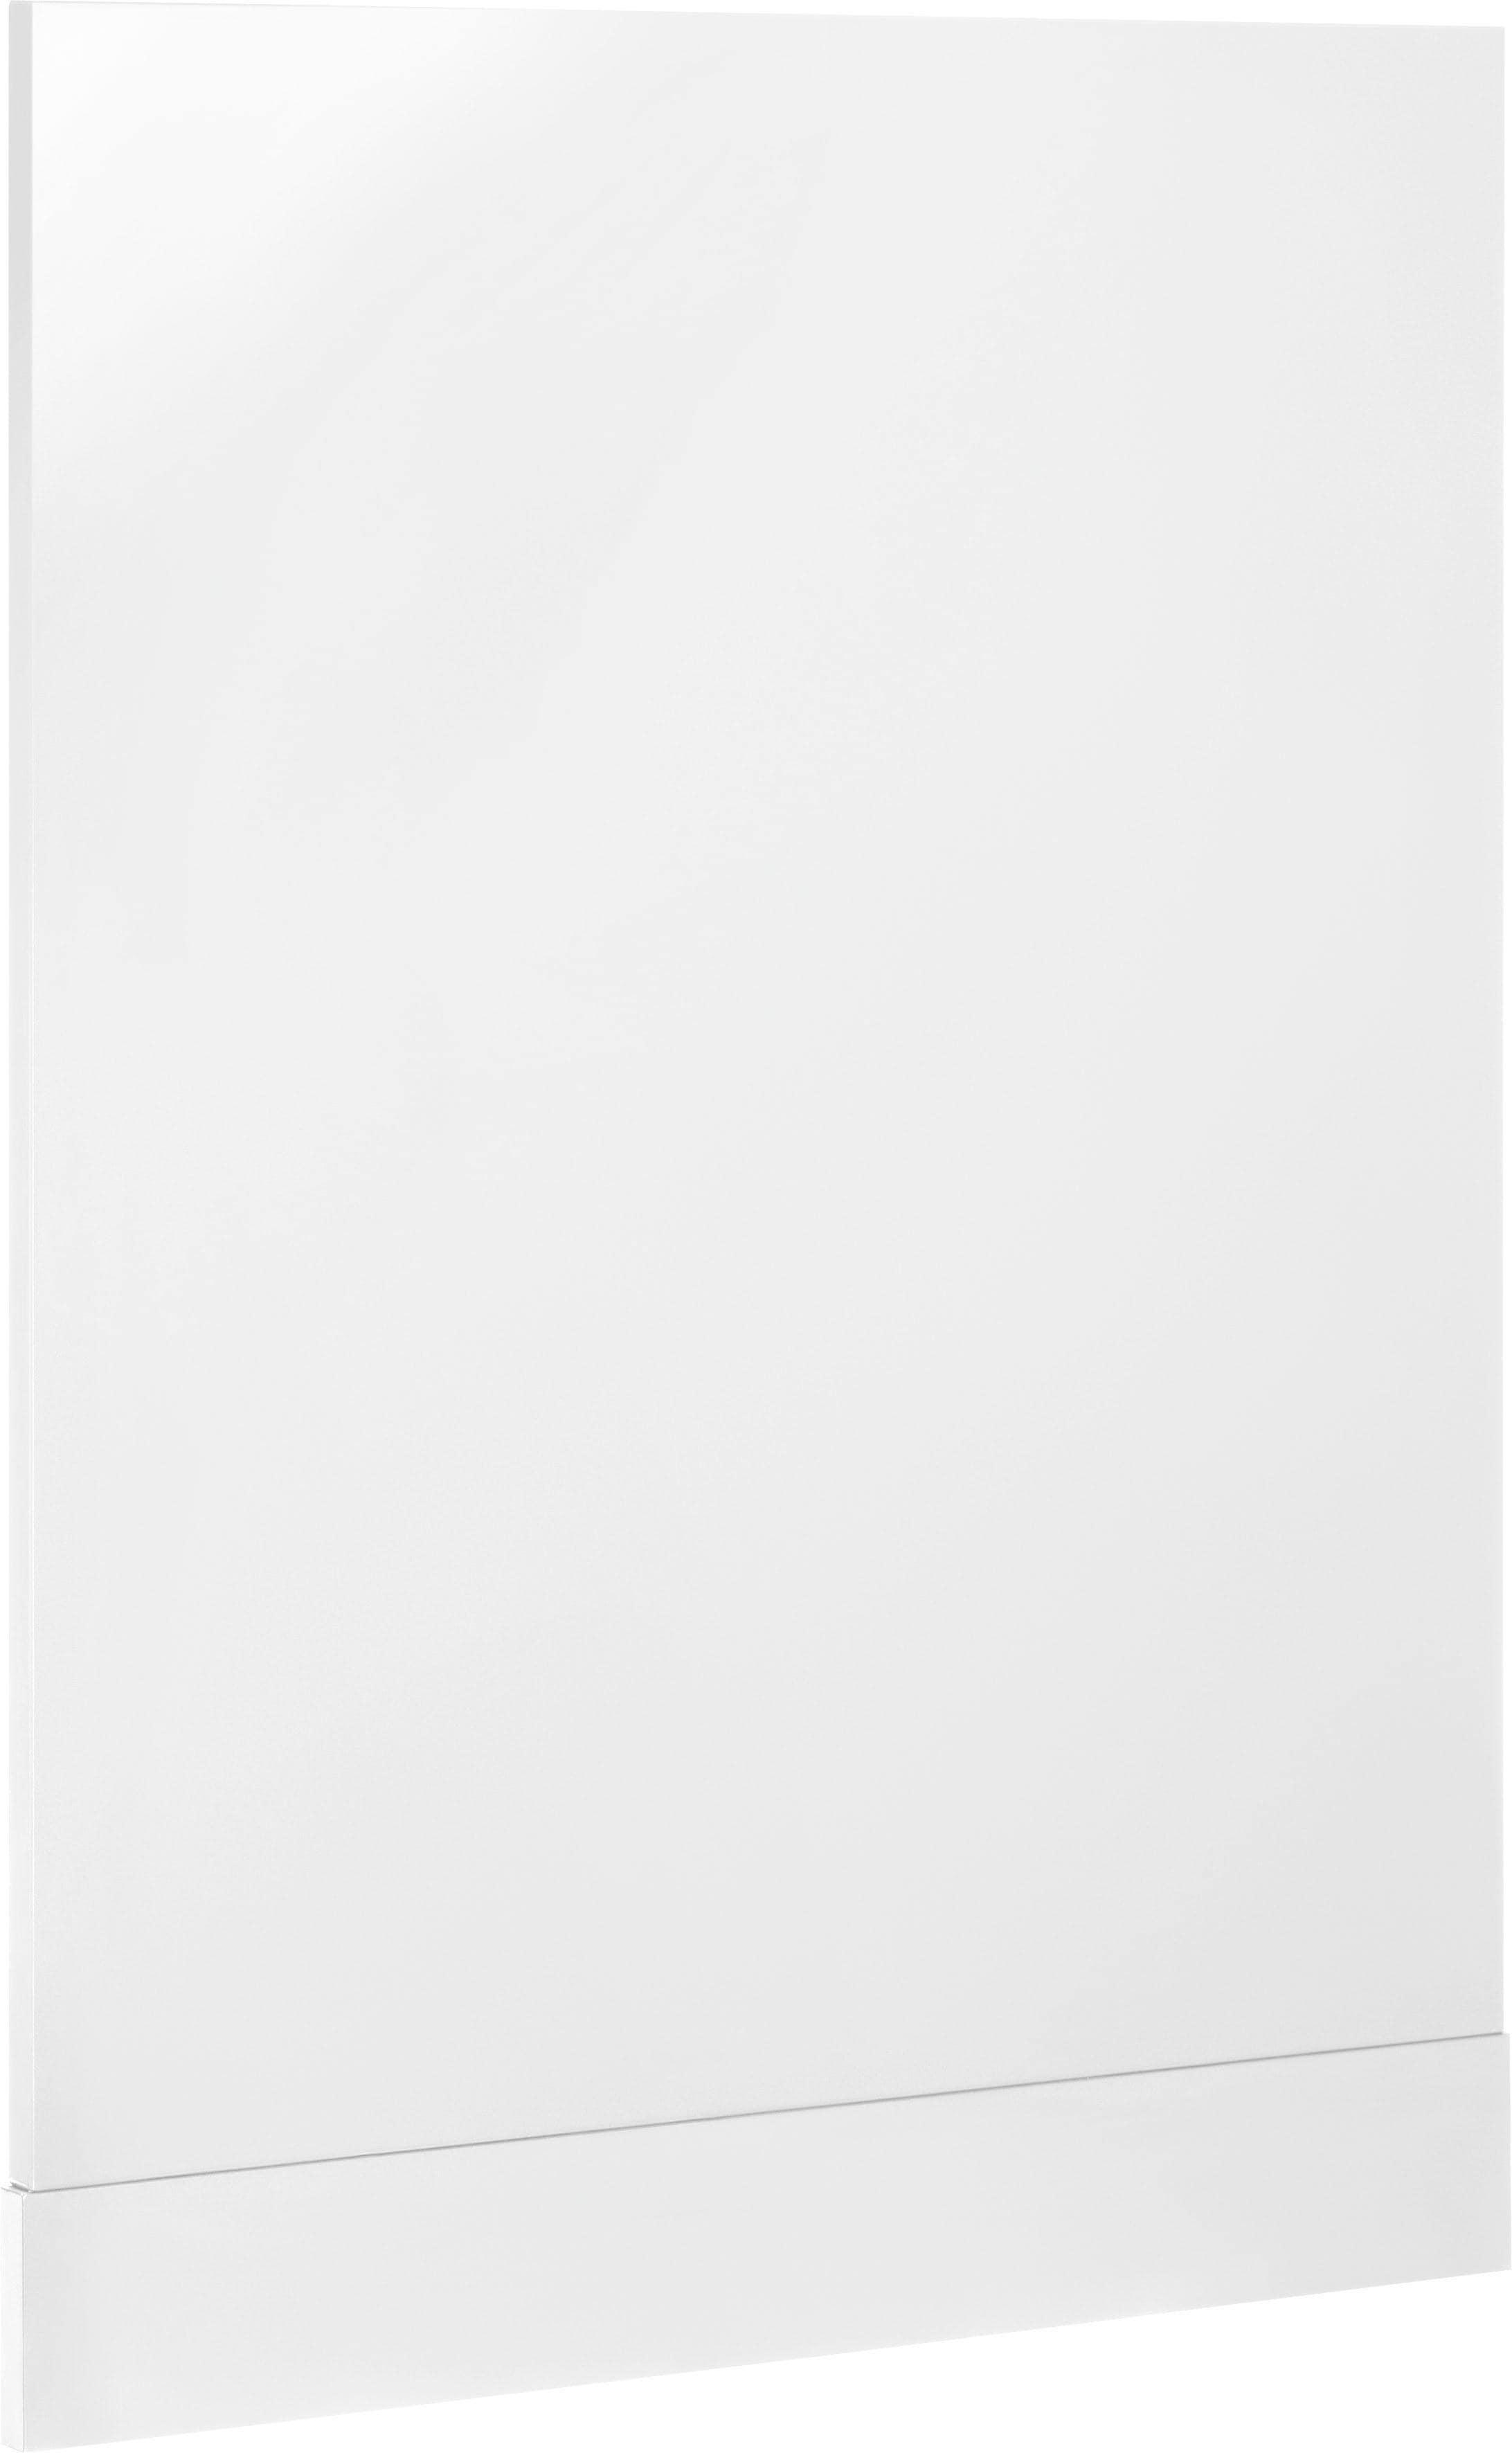 WIHO Küchen Tür/Sockel Cali für teilintegrierbaren Geschirrspüler   Küche und Esszimmer > Küchenelektrogeräte > Gefrierschränke   Weiß   Melamin   Wiho Küchen